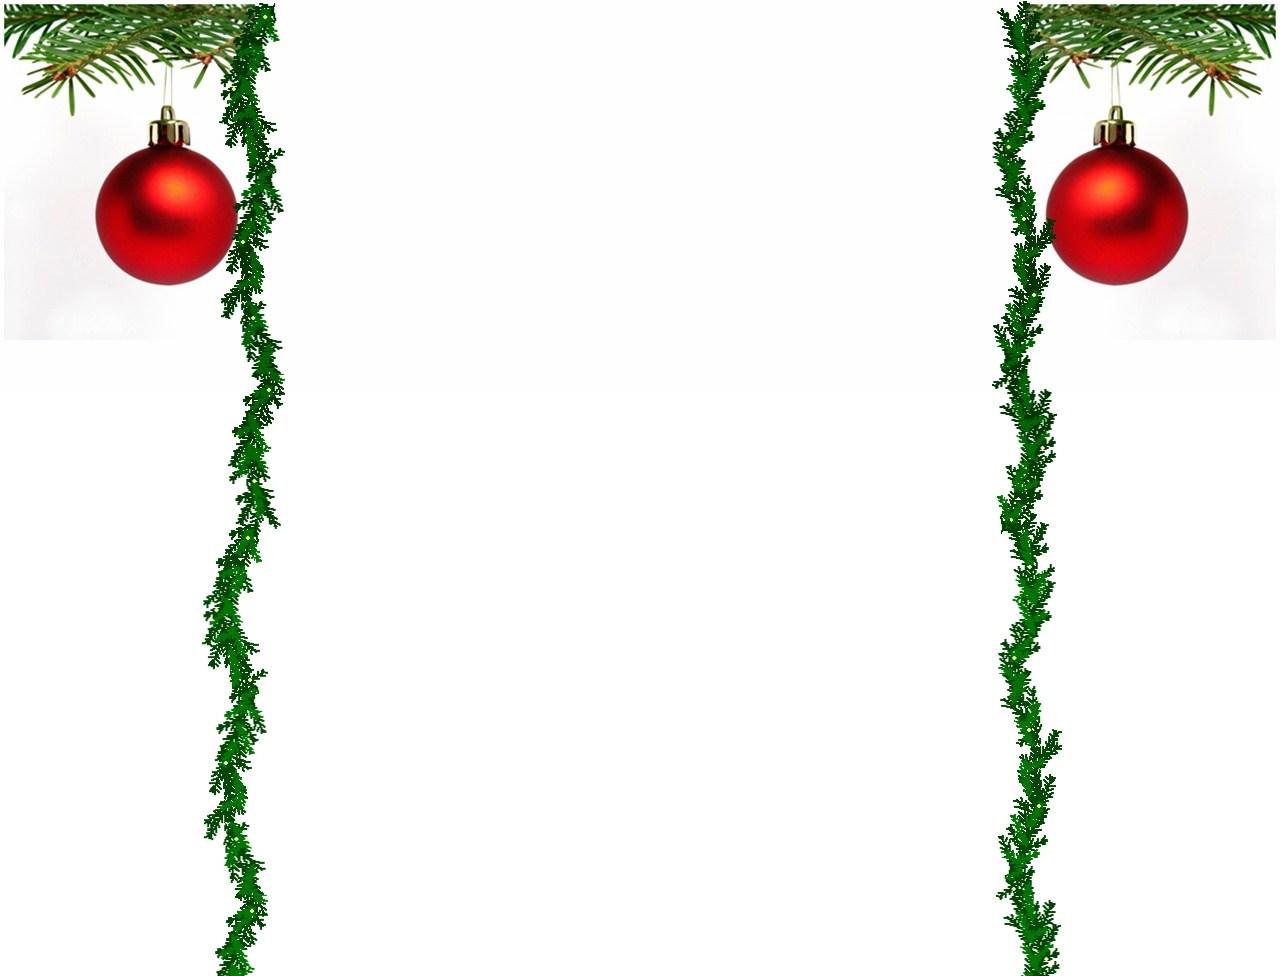 Clipart rahmen weihnachten jpg black and white library Weihnachten rahmen clipart kostenlos 2 » Clipart Portal jpg black and white library